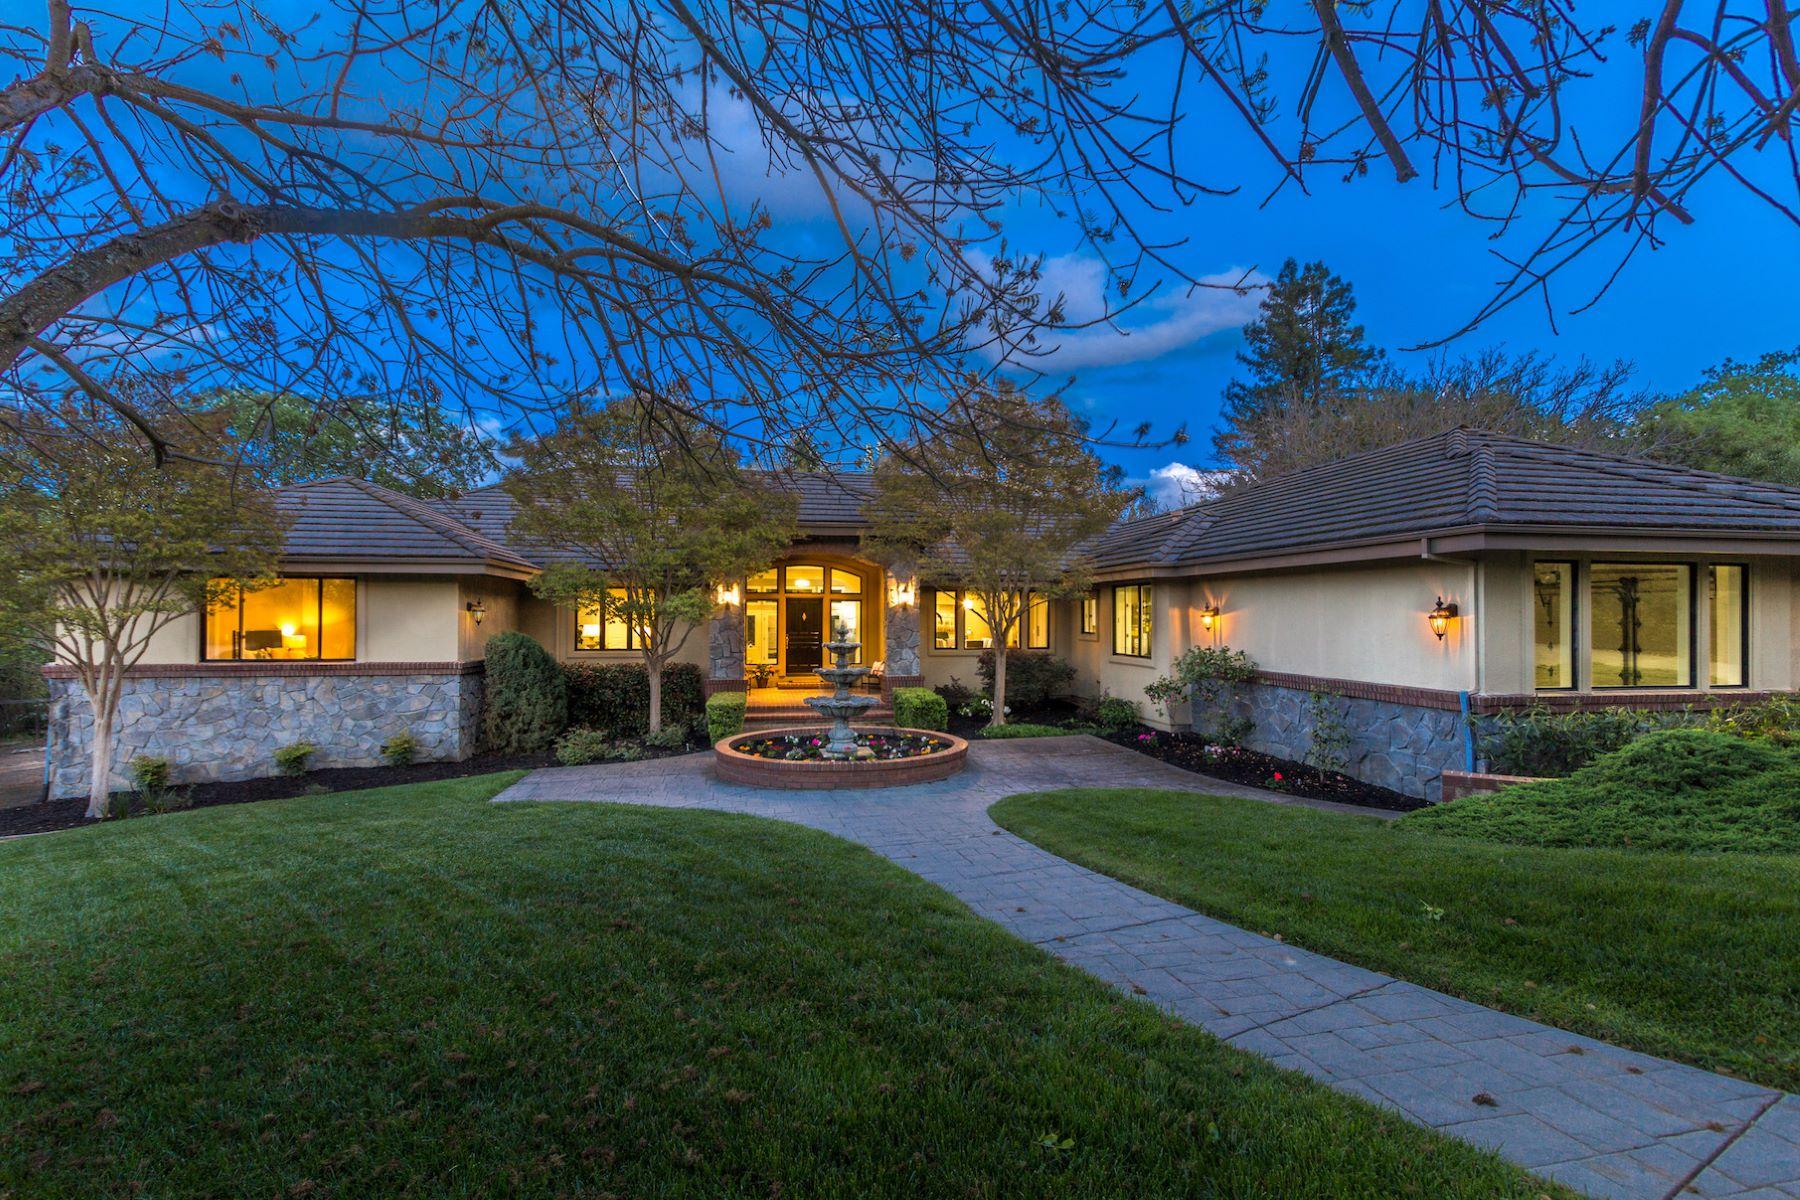 一戸建て のために 売買 アット 1912 Toyon Court, Pleasanton 1912 Toyon Court Pleasanton, カリフォルニア 94588 アメリカ合衆国